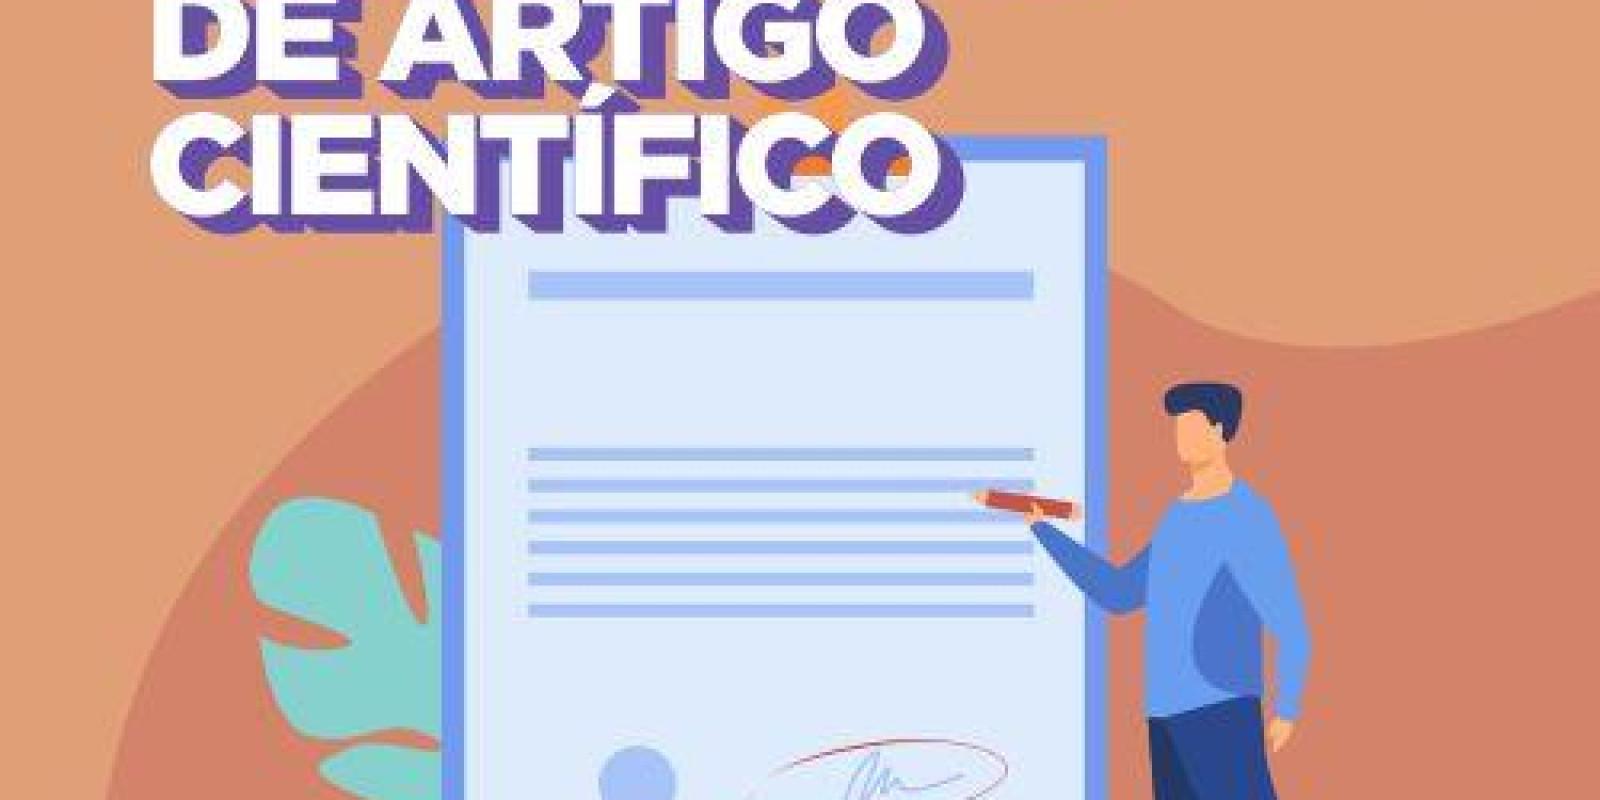 ORIENTAÇÃO ARTIGO CIENTÍFICO